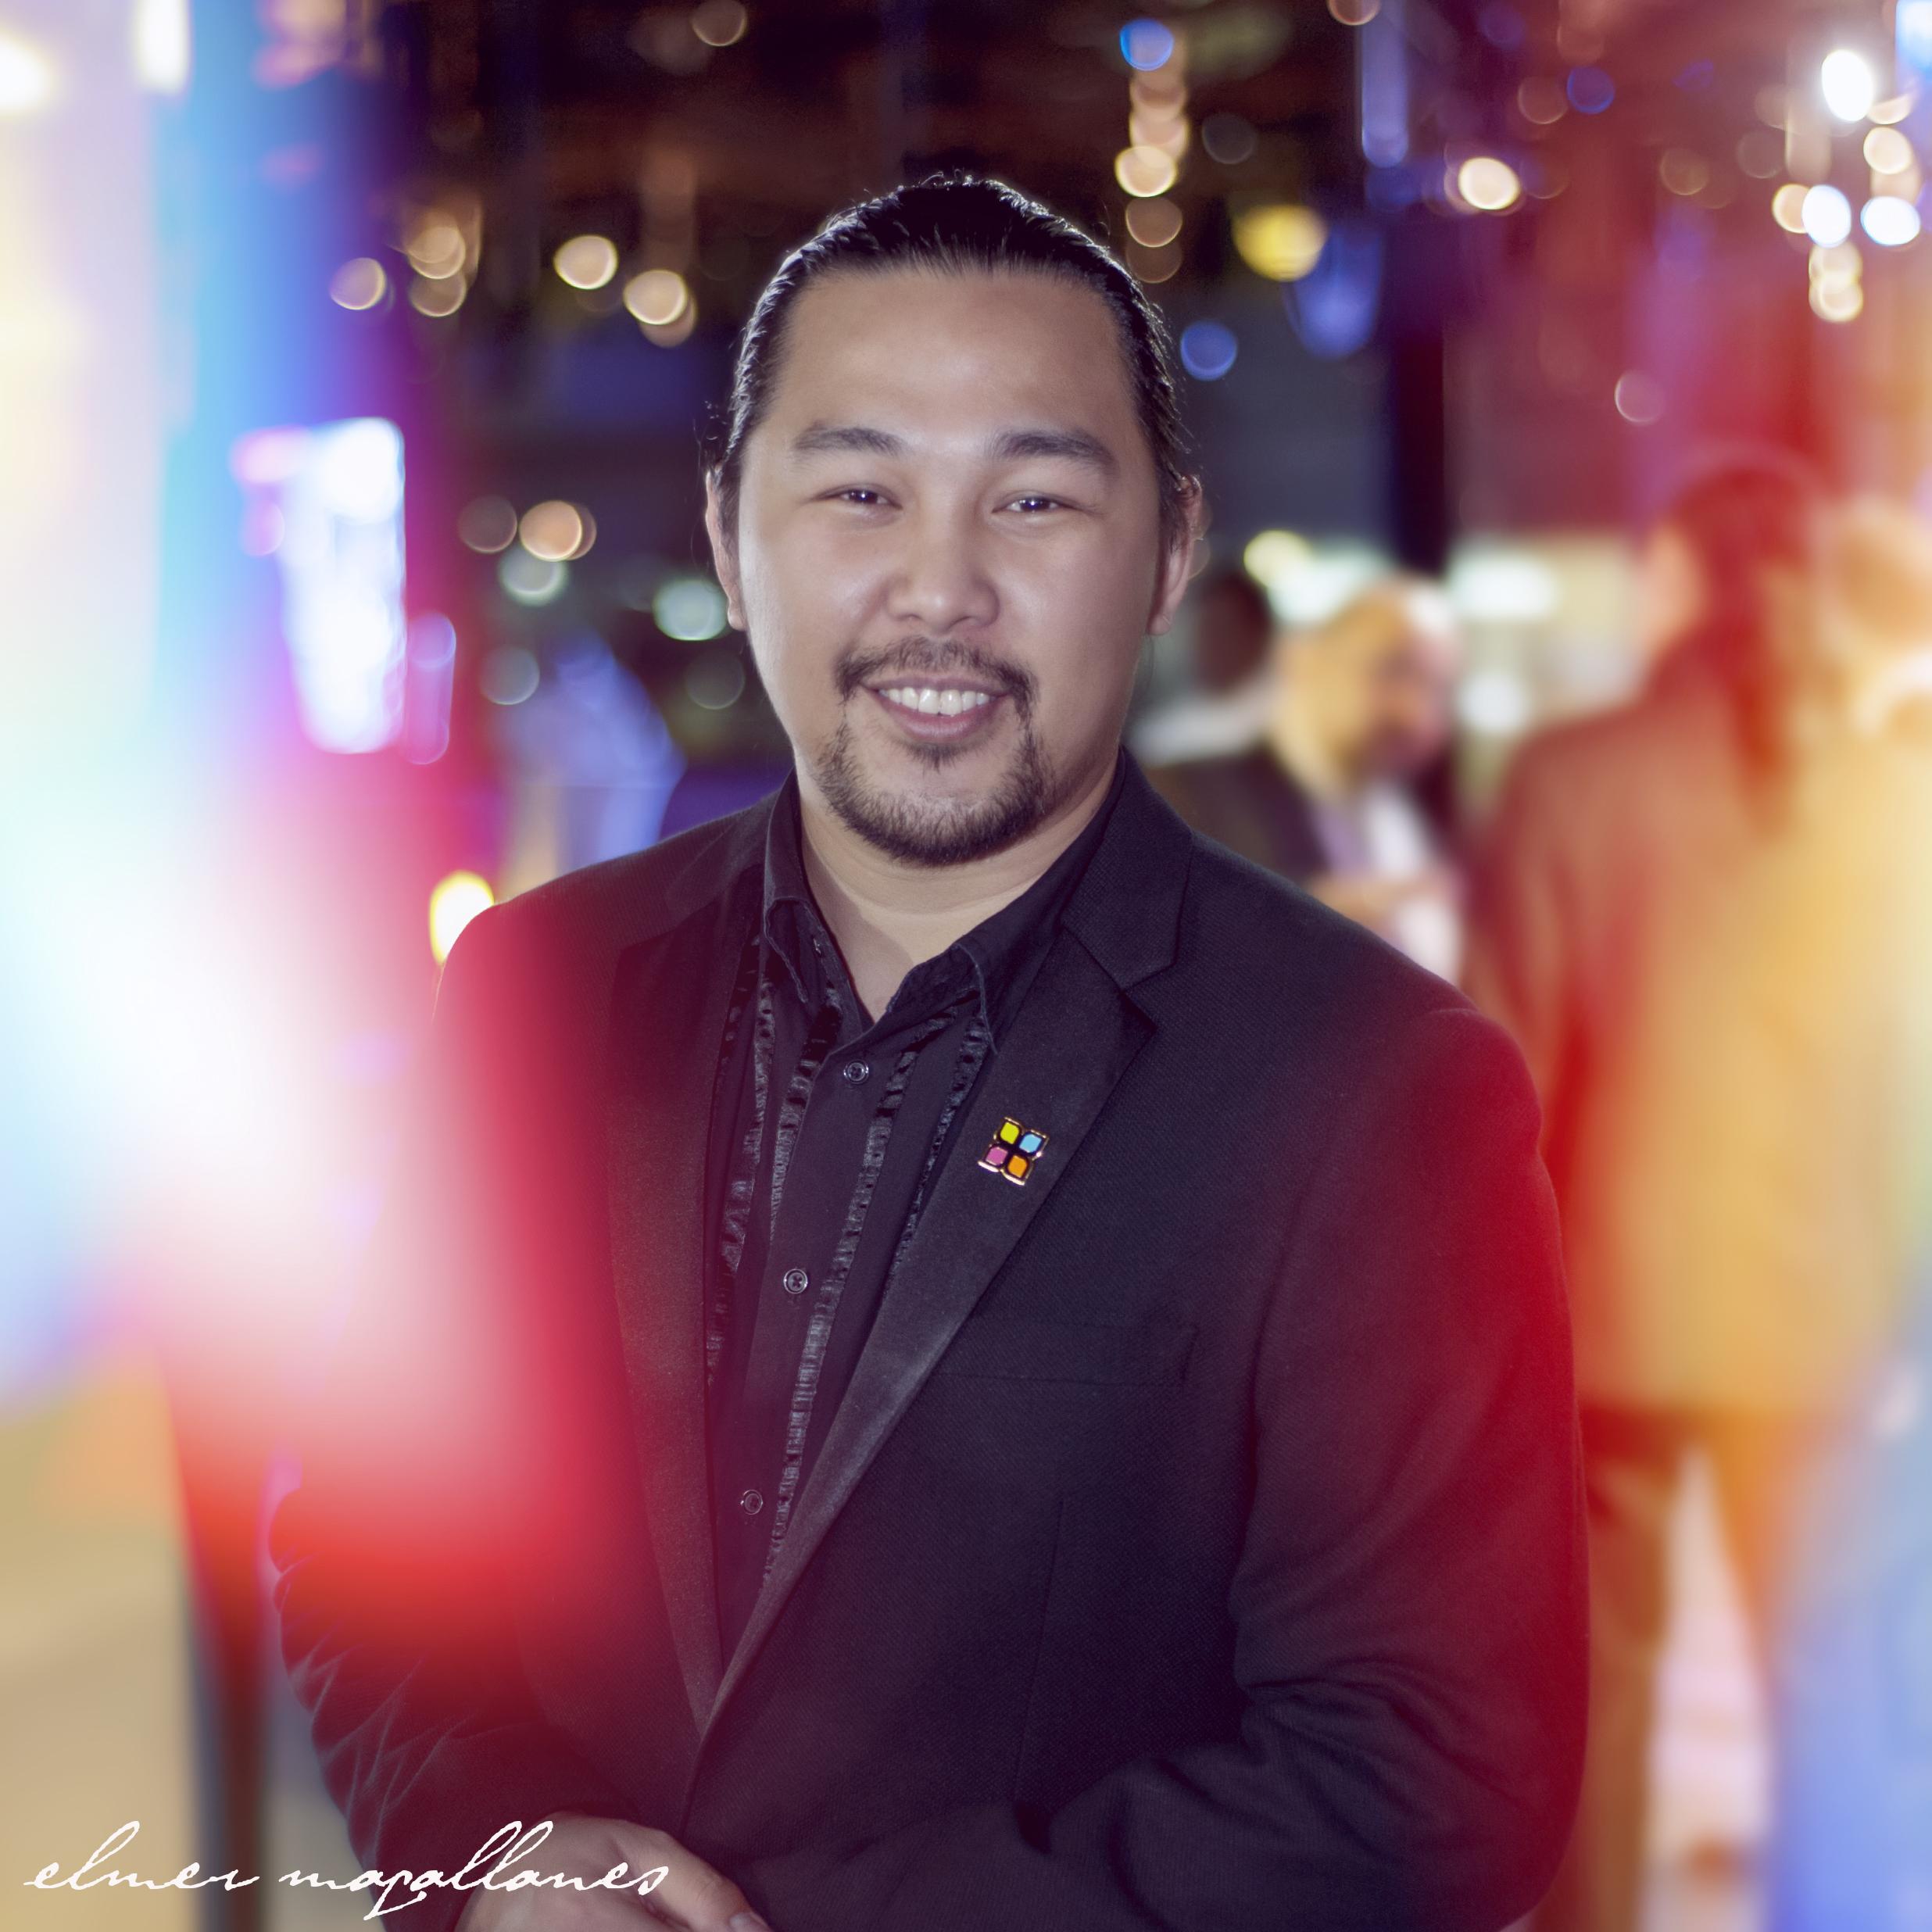 Portfolio: Elmer M